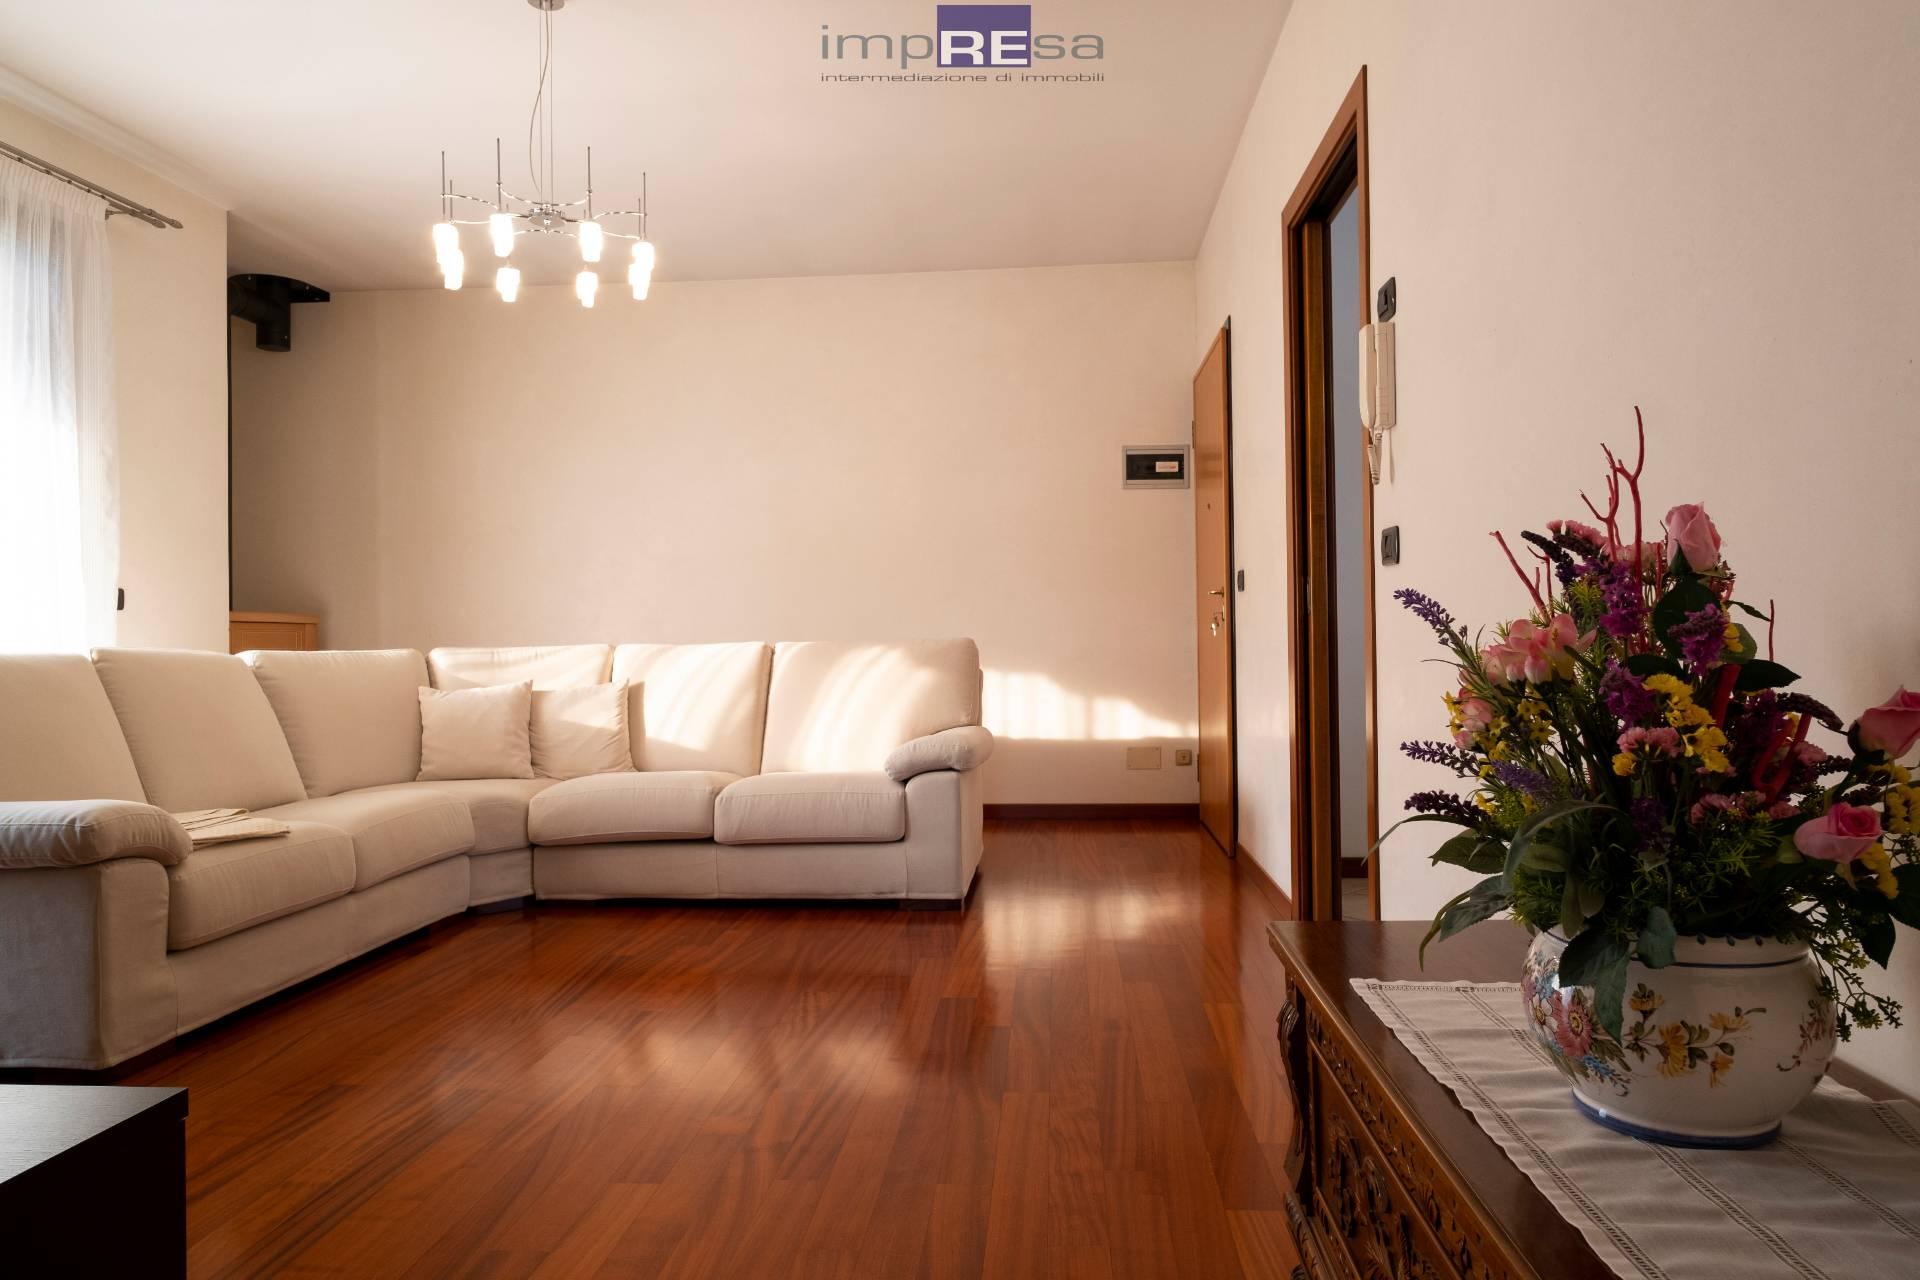 Appartamento in vendita a Colle Umberto, 6 locali, prezzo € 165.000 | PortaleAgenzieImmobiliari.it